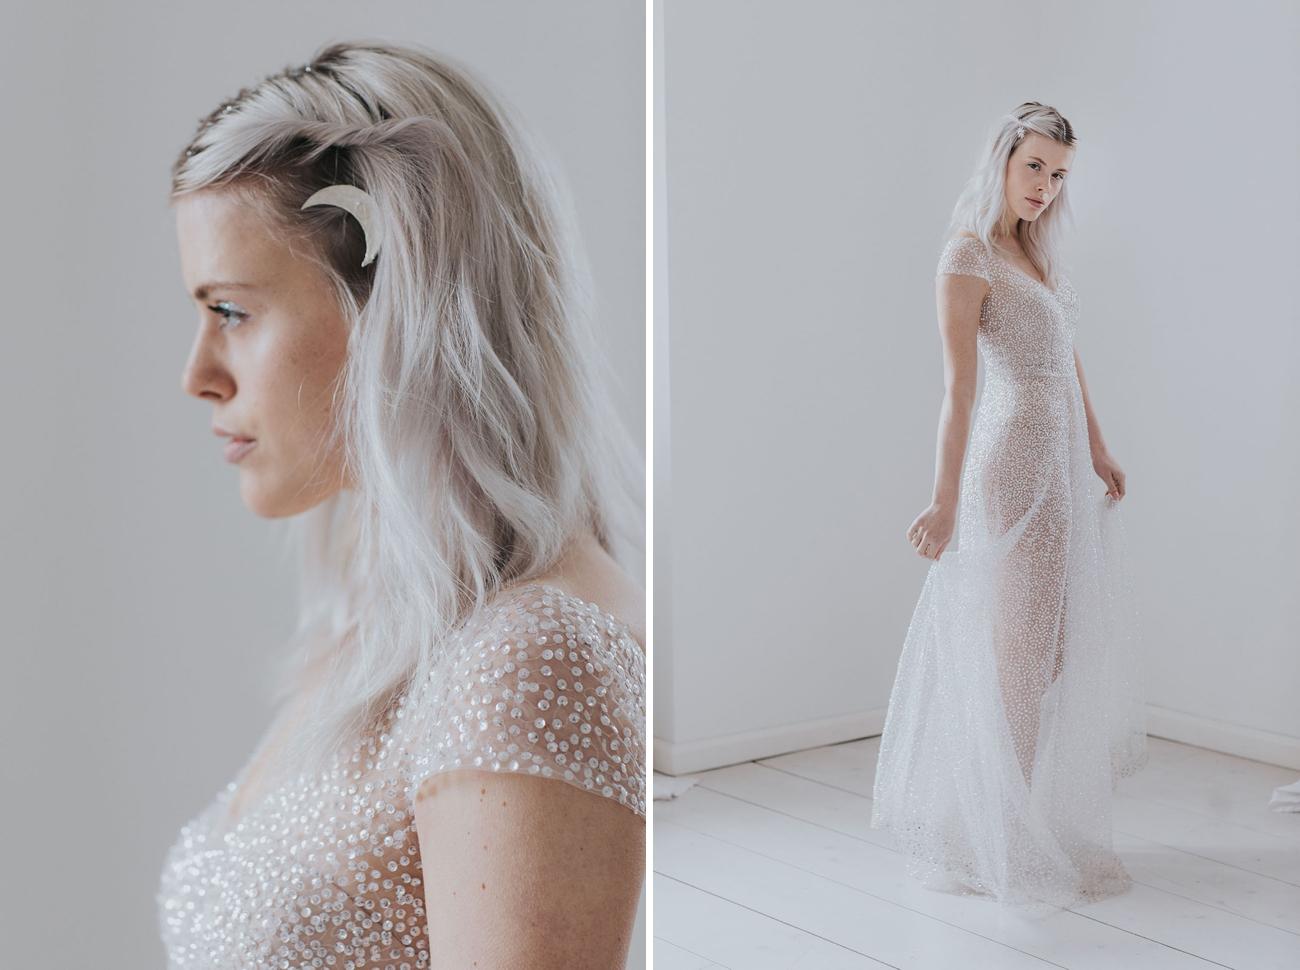 Celestial Sparkly Wedding Dress | Credit: Cornelia Lietz